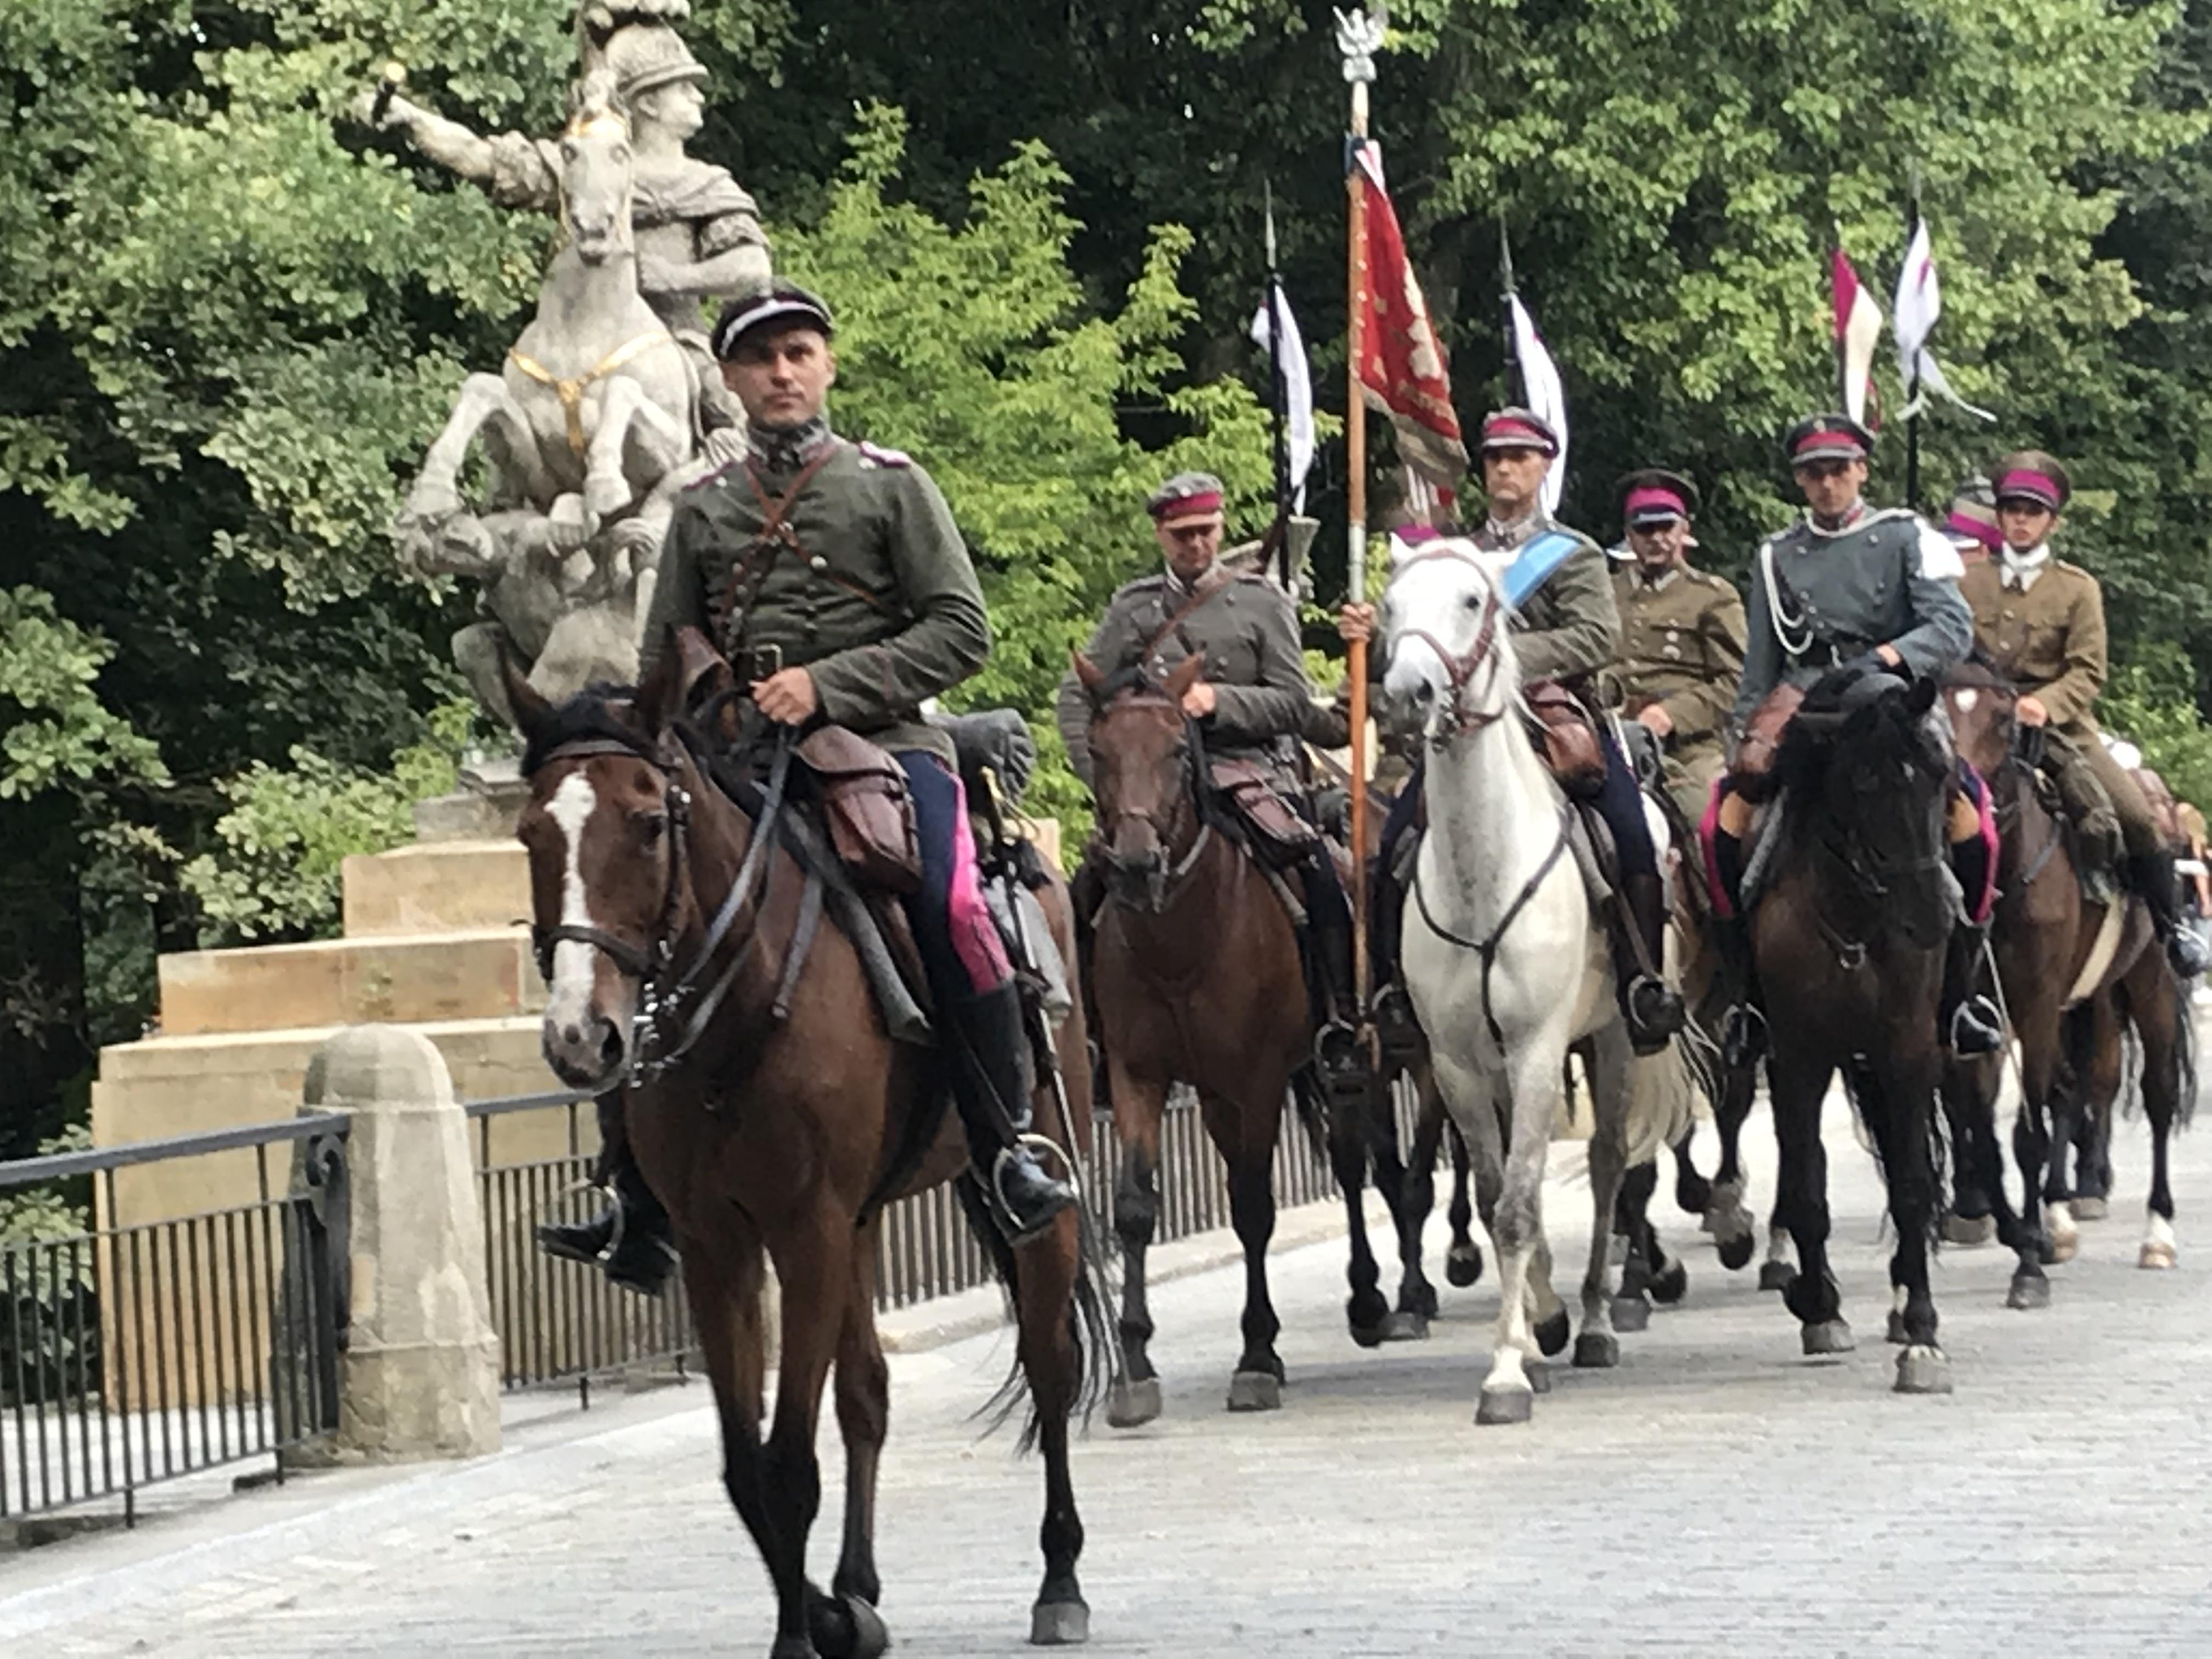 zdjęcie jeźdźców na koniach